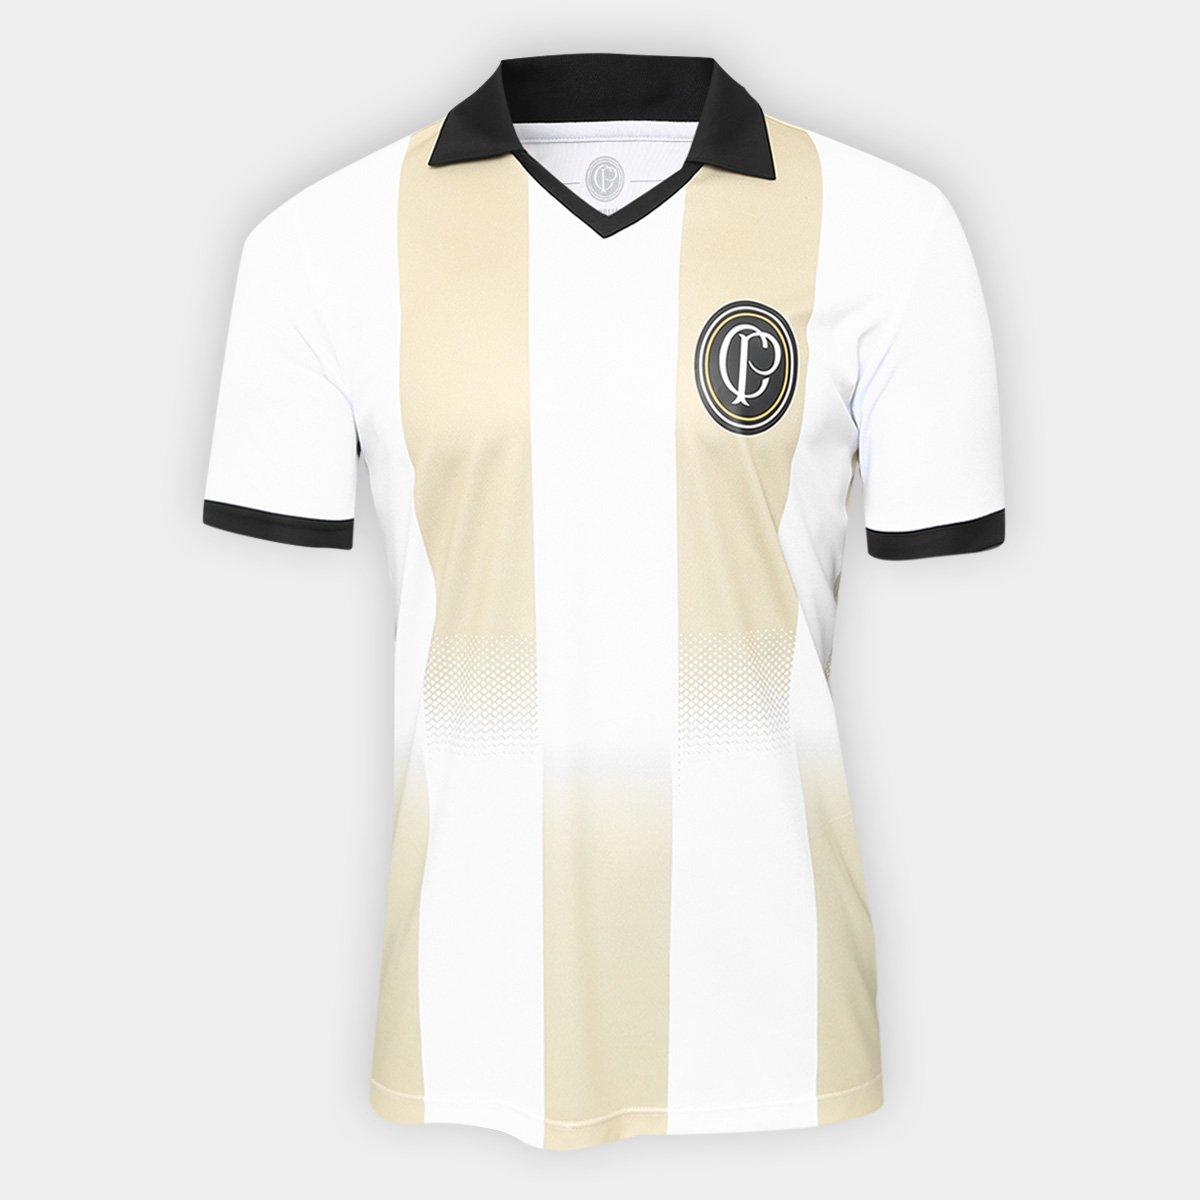 Camisa Corinthians n° 9 Centenário - Edição Limitada Masculina ... 88c3b252ca62d